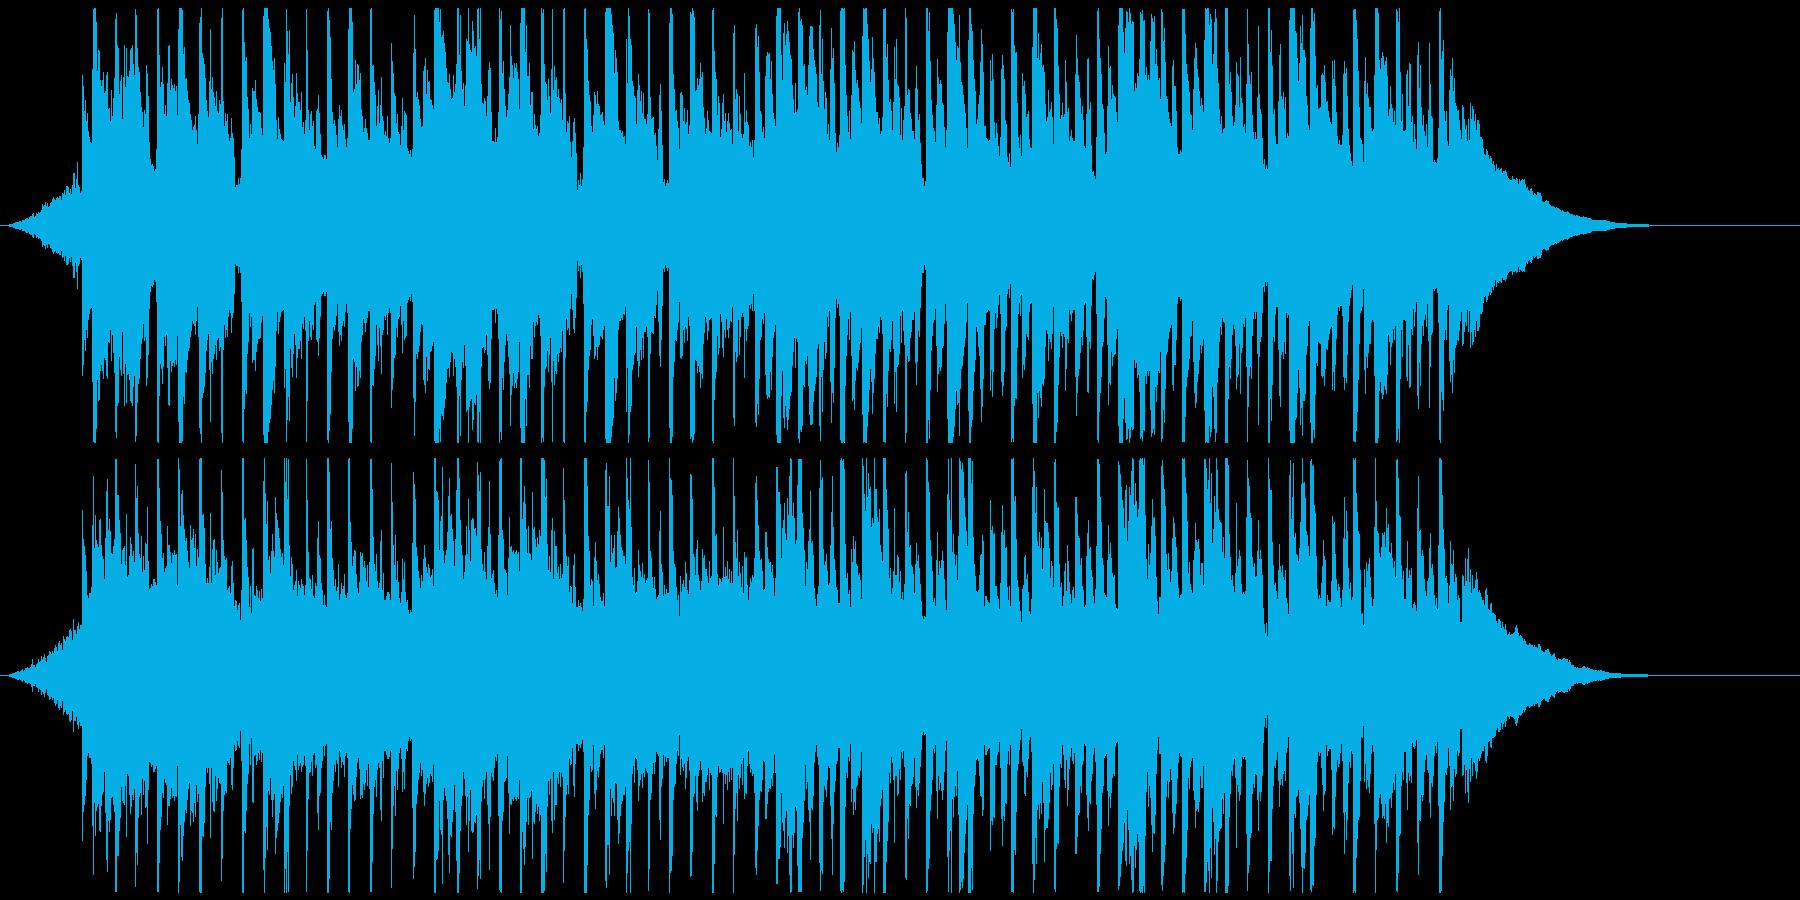 企業系ジングル ソフトロック風爽やかの再生済みの波形